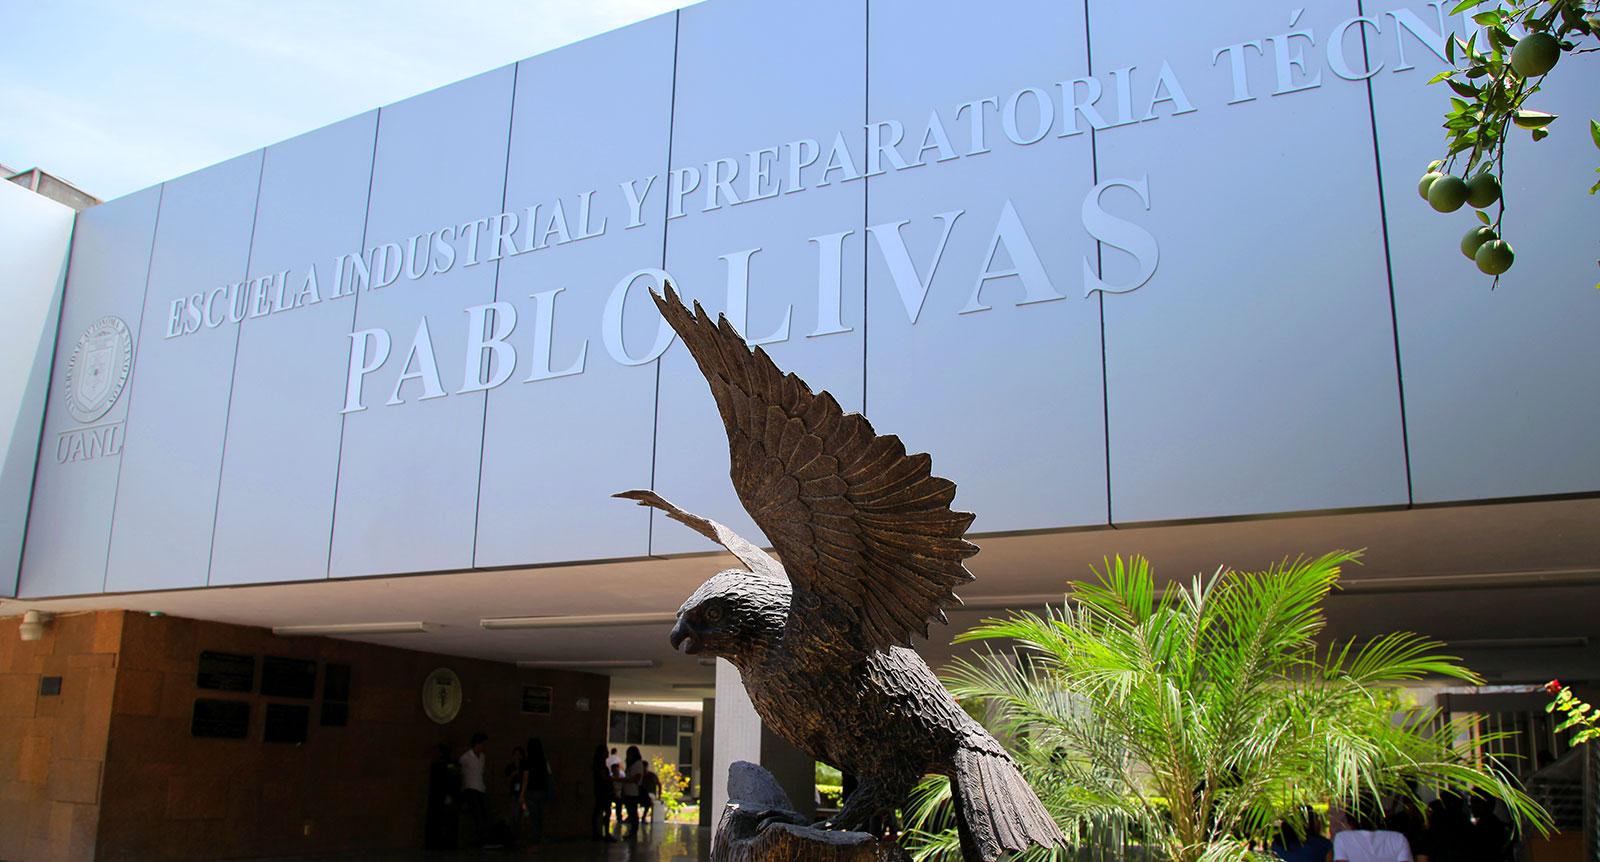 """Escuela Industrial y Preparatoria Técnica """"Pablo Livas"""" Centro"""